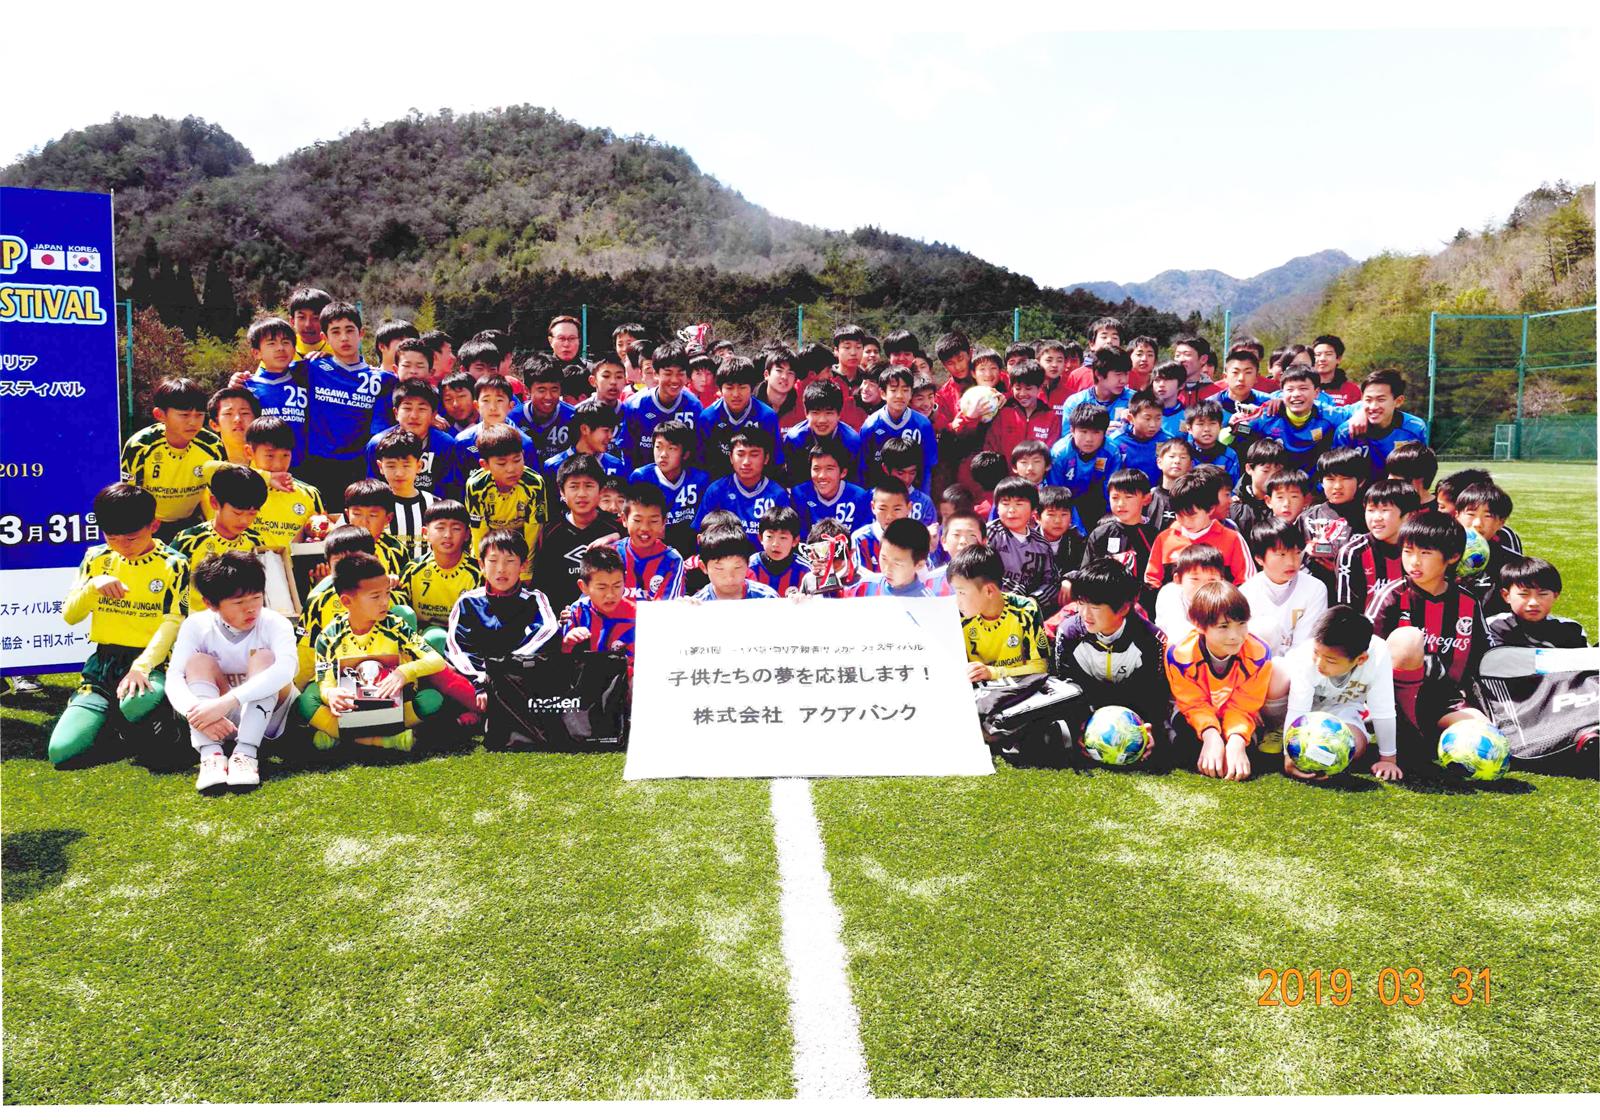 【第21回ジャパン・コリア新善サッカーフェスティバル】集合写真